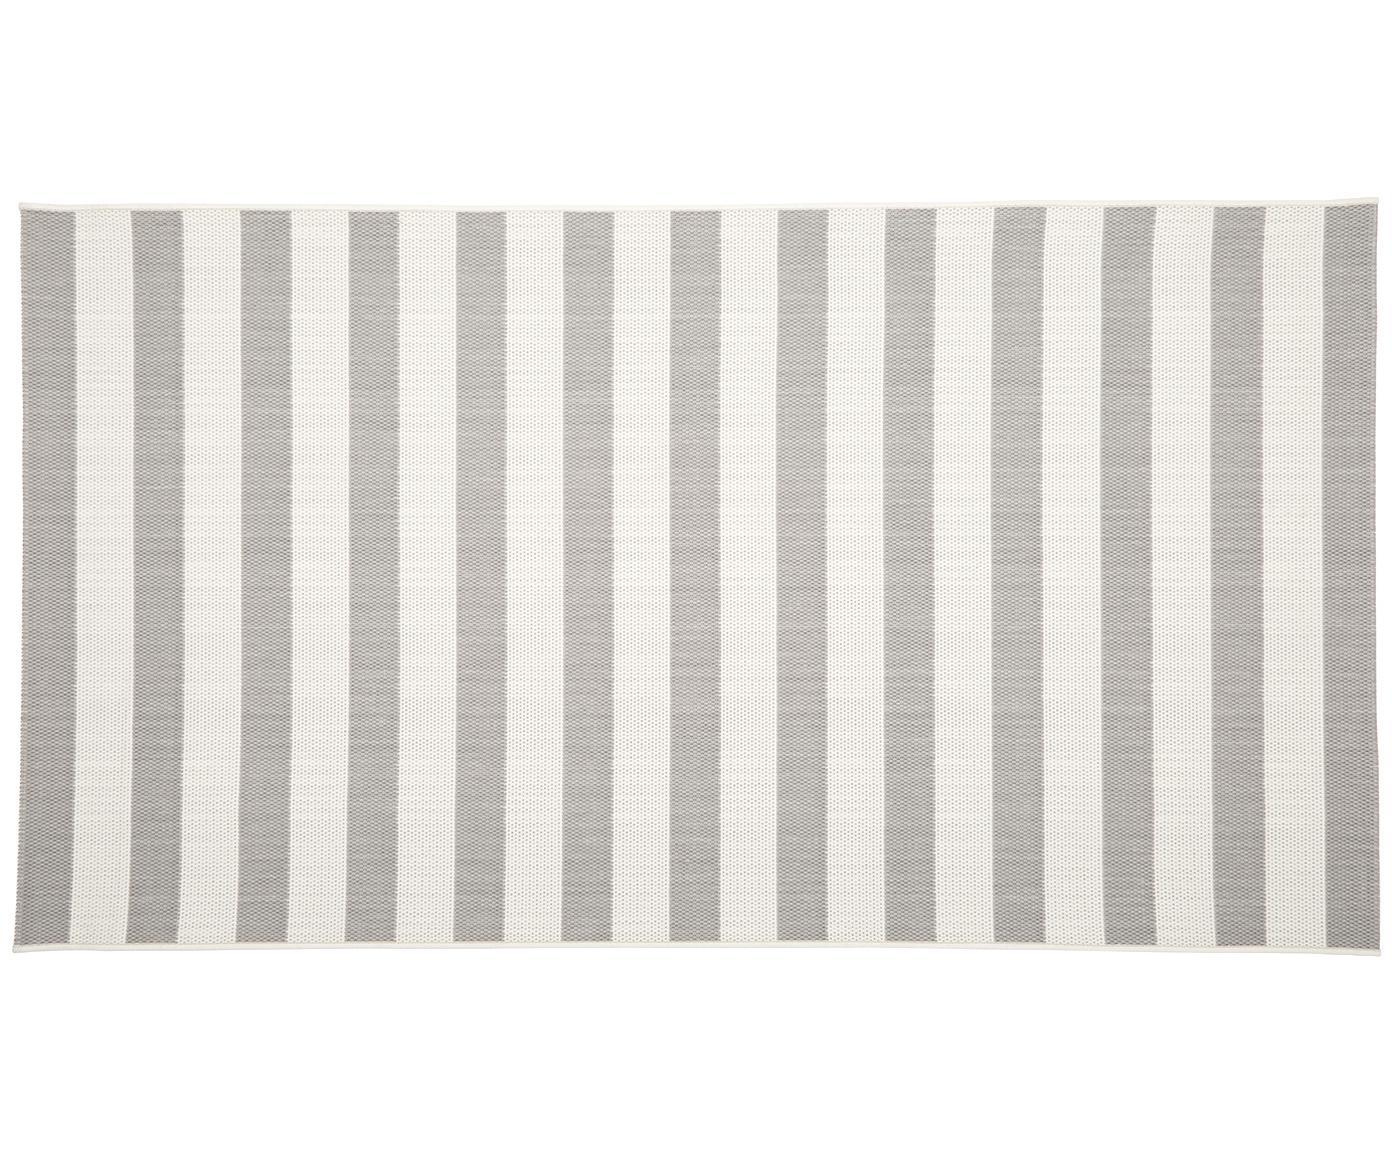 Tappeto da interno-esterno a righe Axa, Retro: poliestere, Bianco crema, grigio, Larg. 80 x Lung. 150 cm (taglia XS)